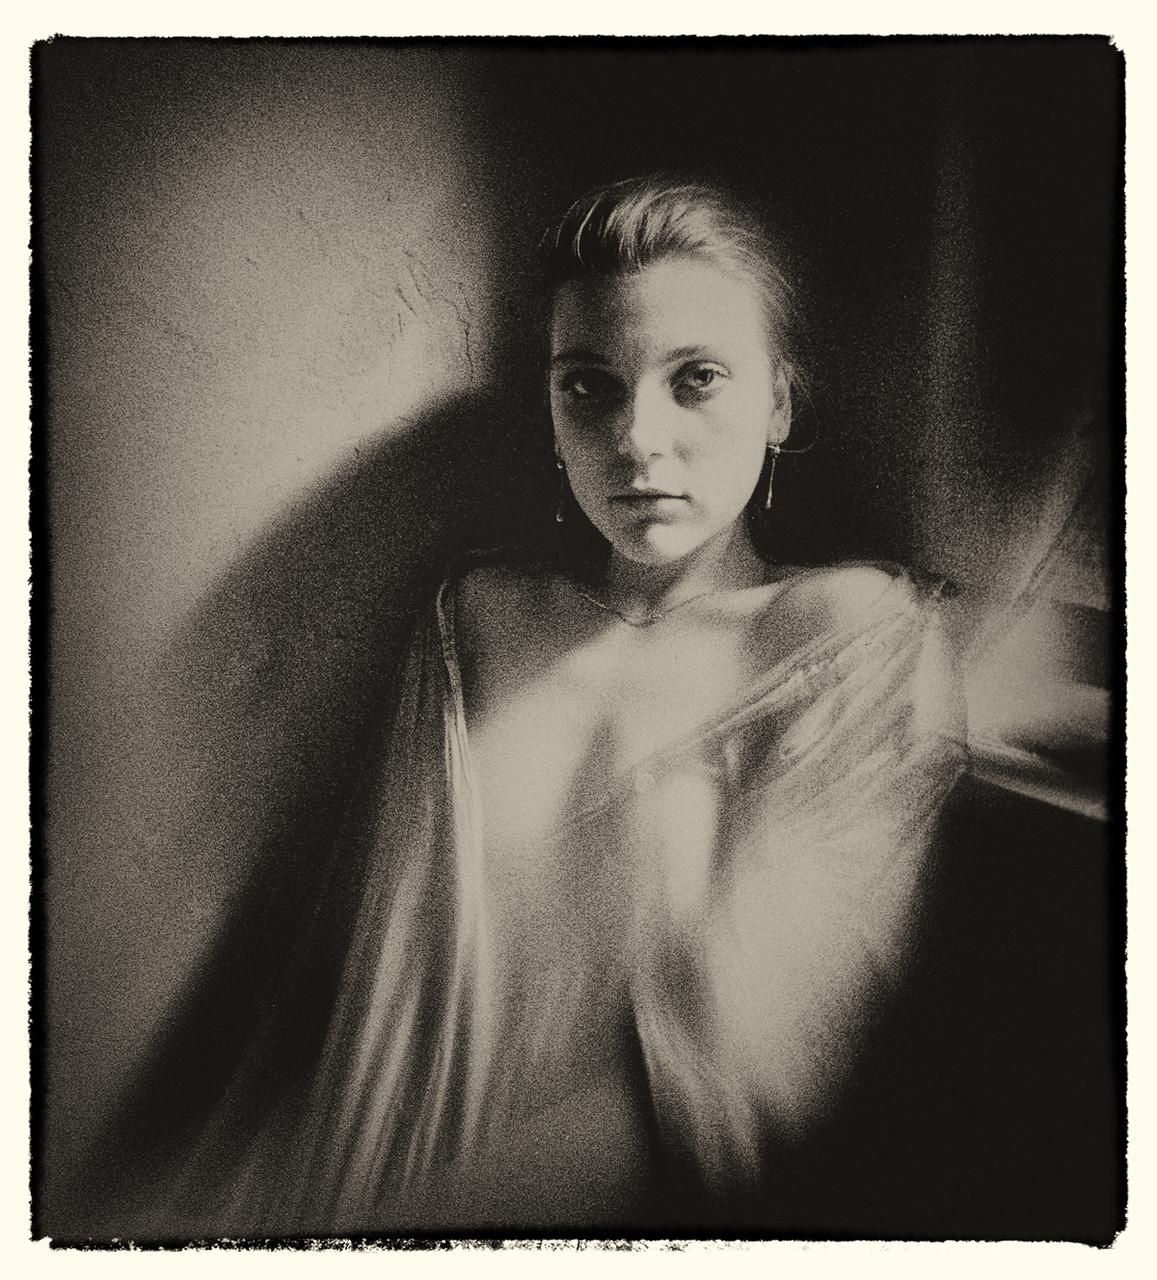 портрет- 1987год.